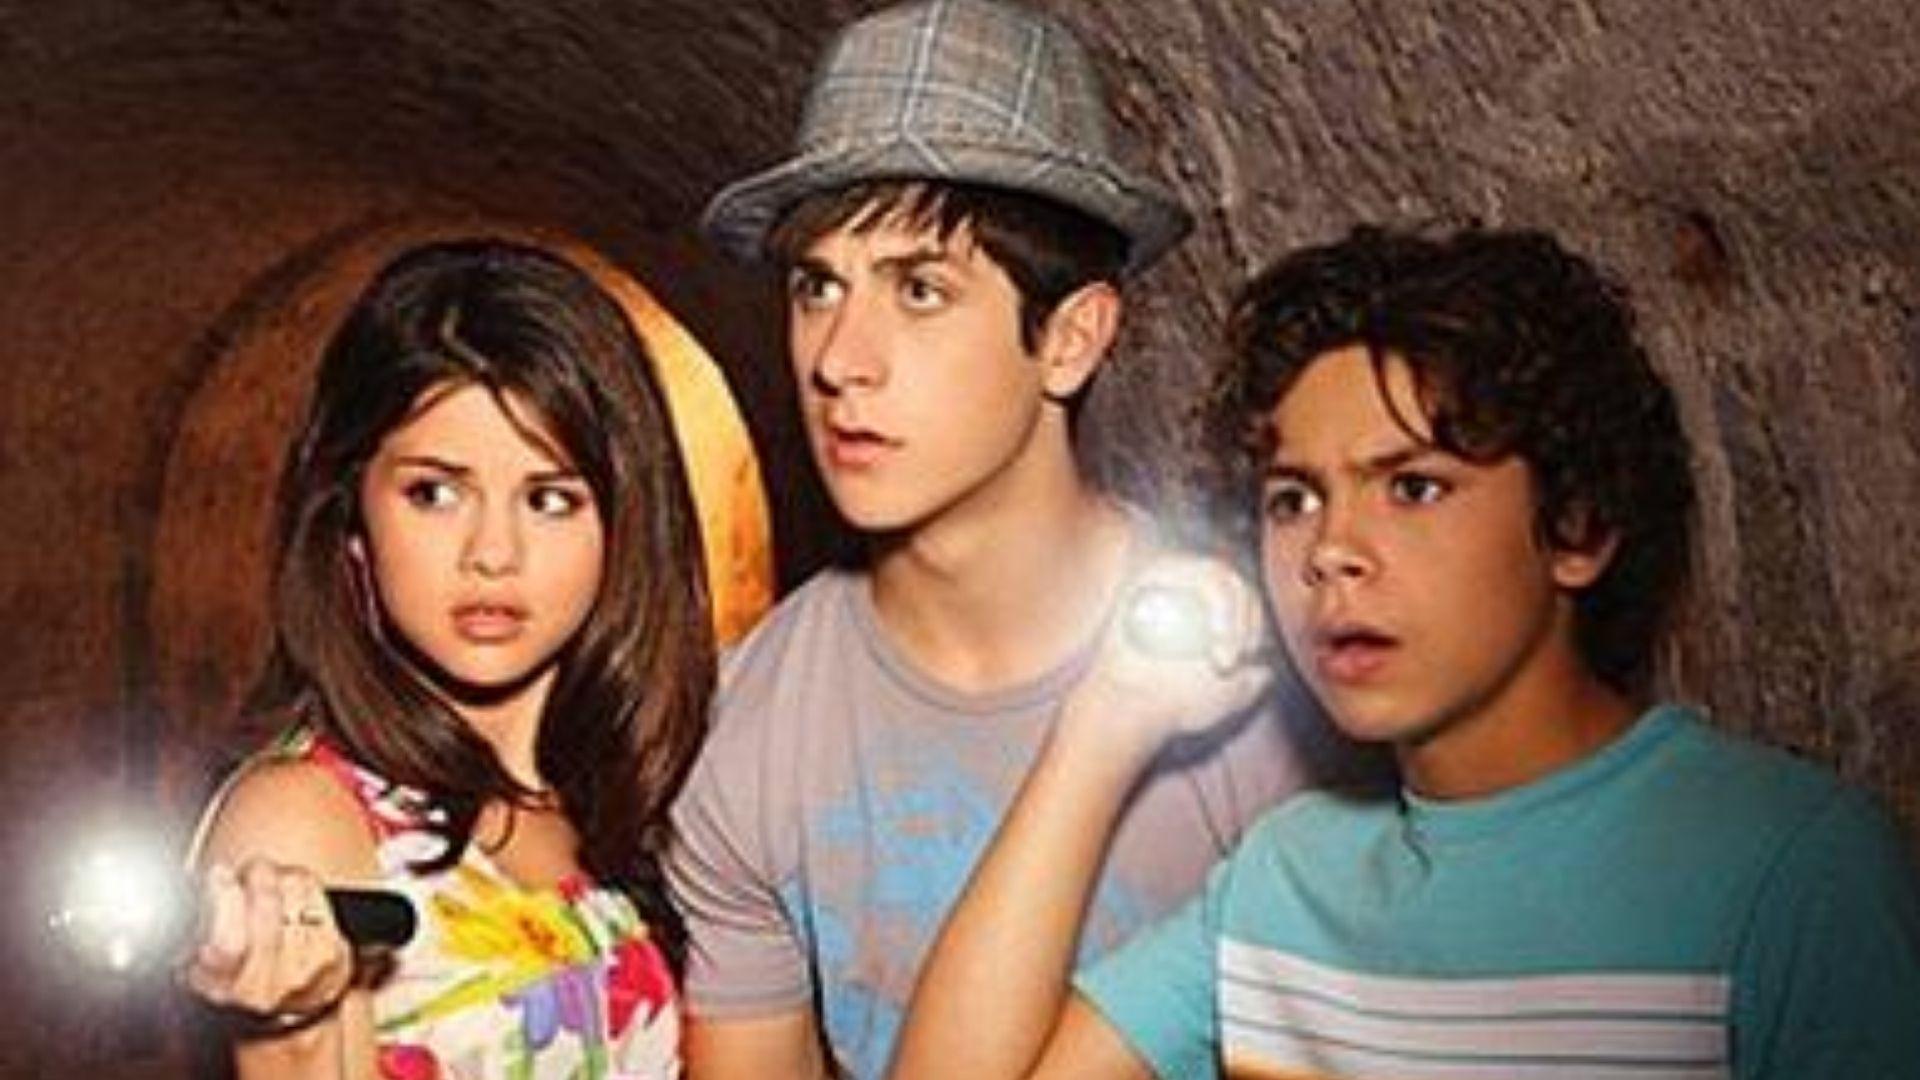 Os feiticeiros de volta? Selena Gomez posta vídeo misterioso